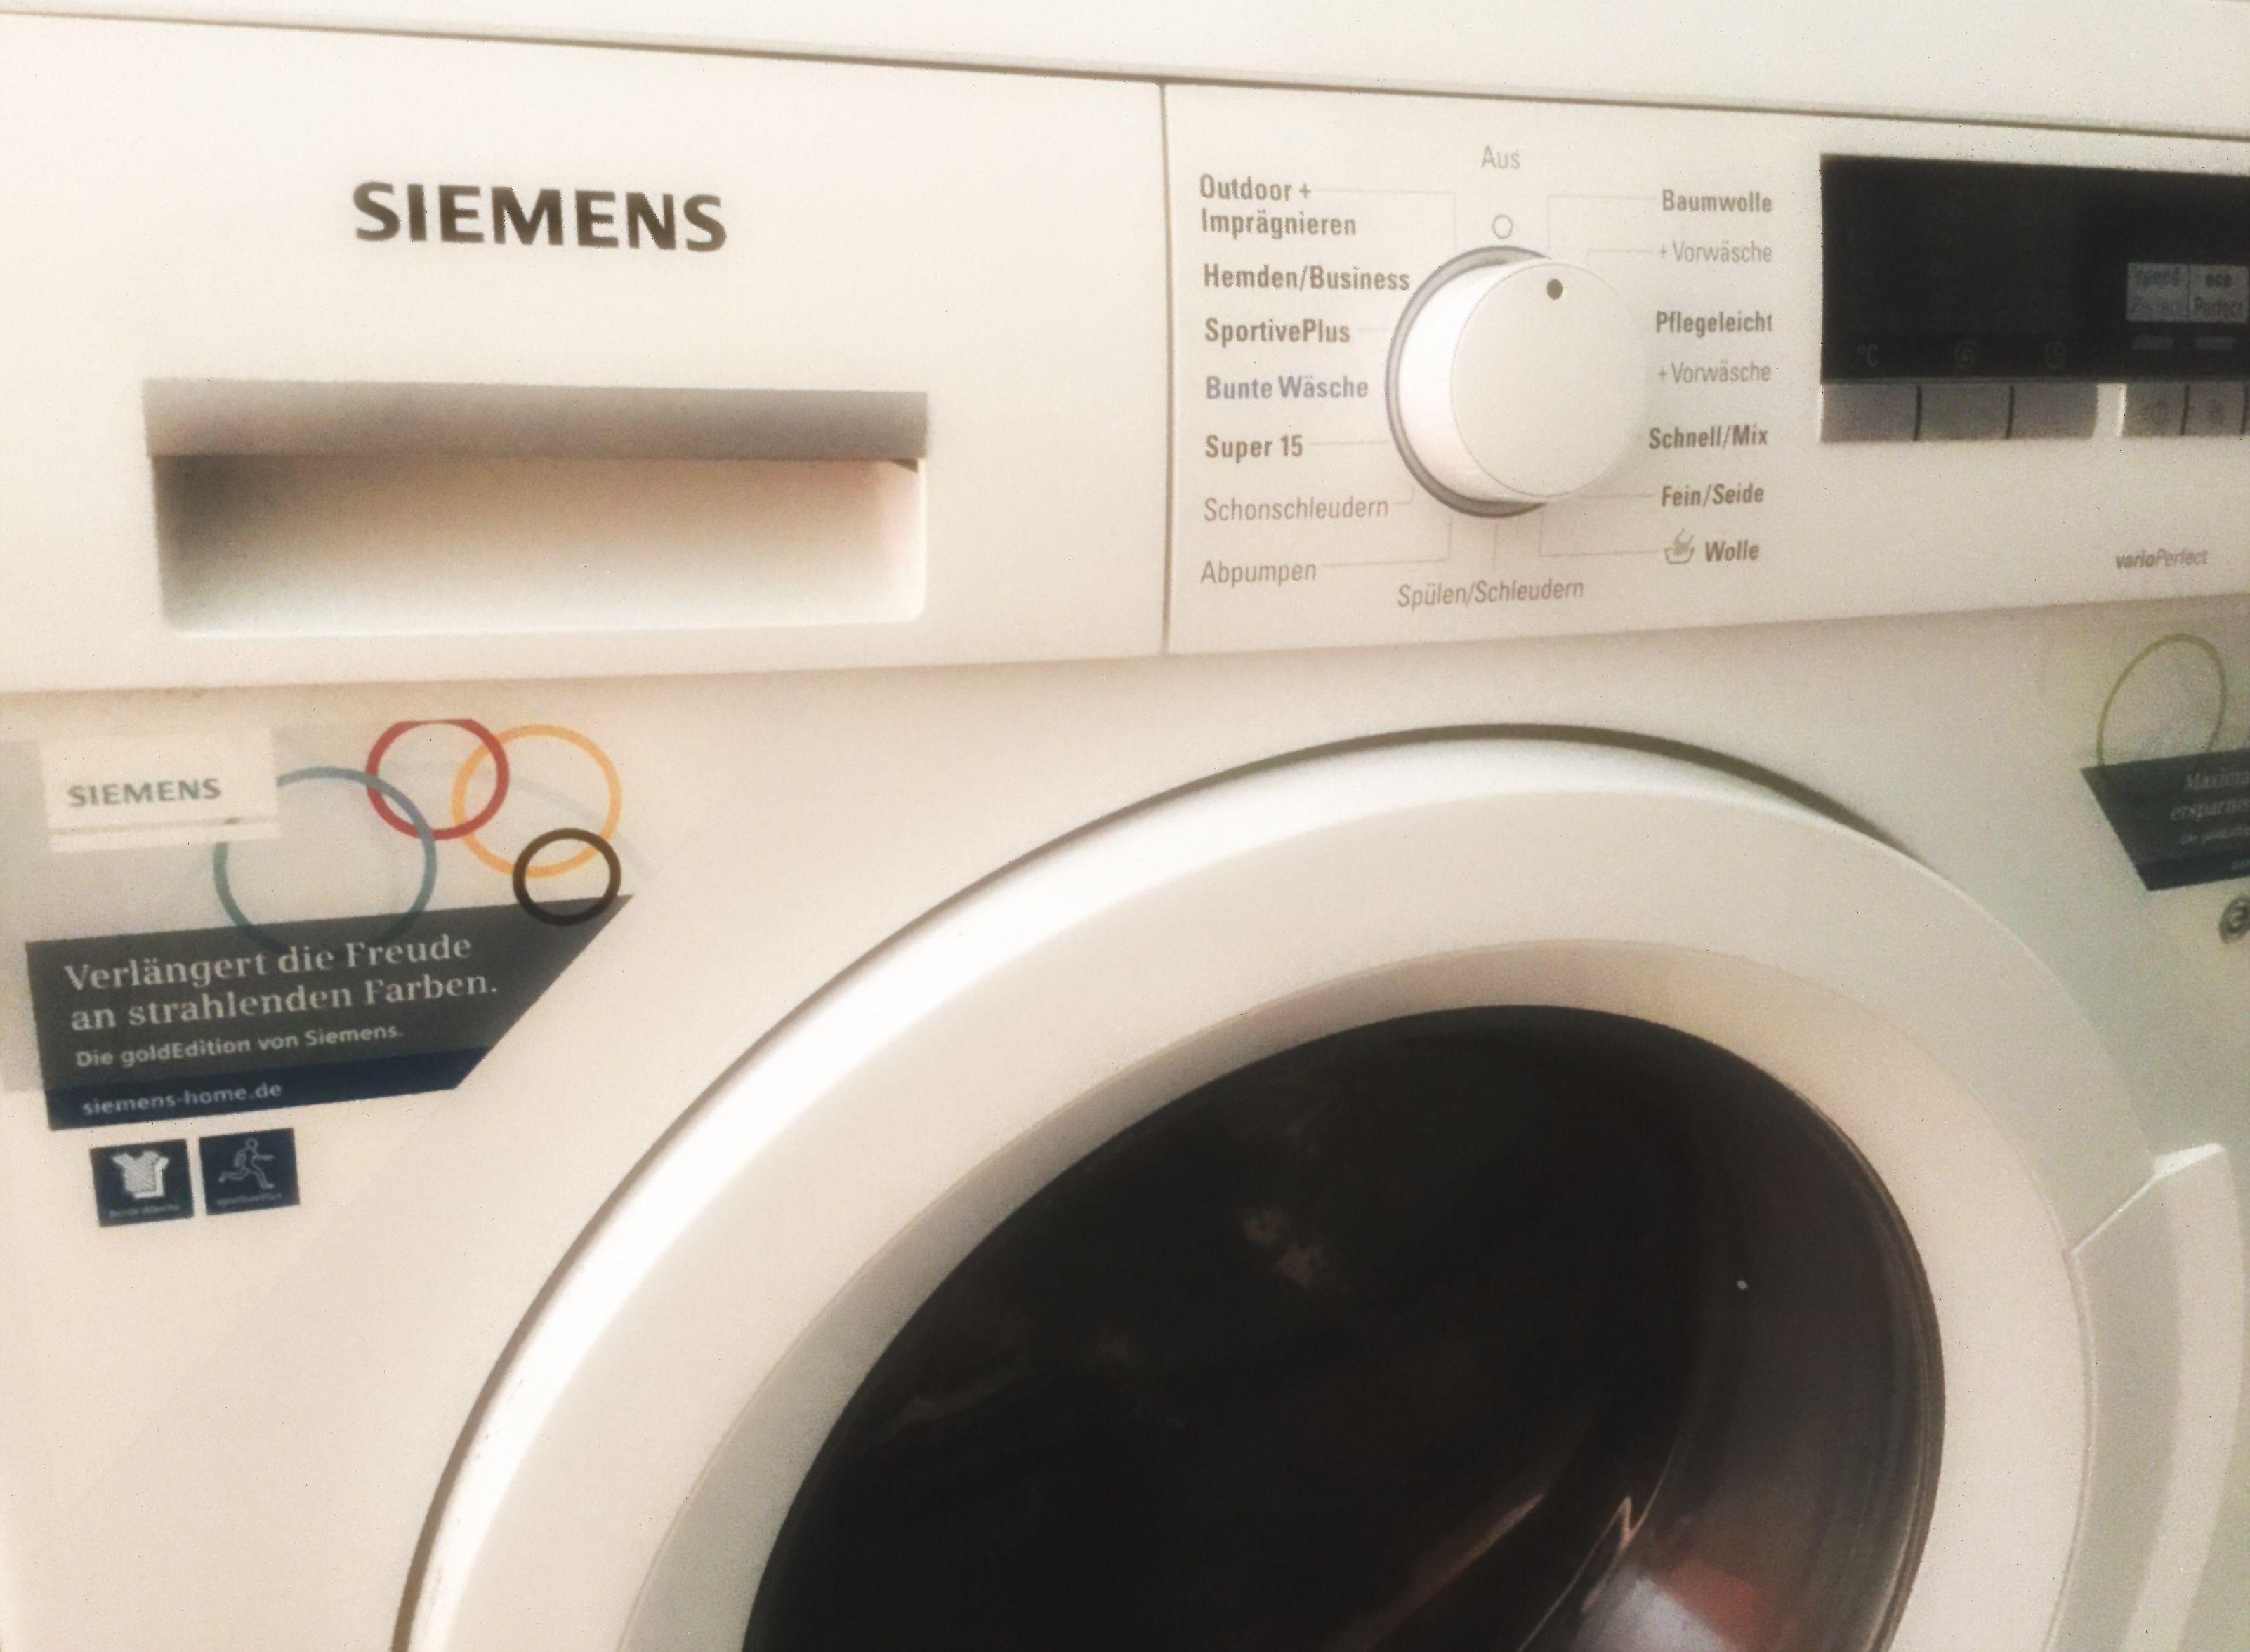 Wichtige Informationen über die Siemens Waschmaschine und